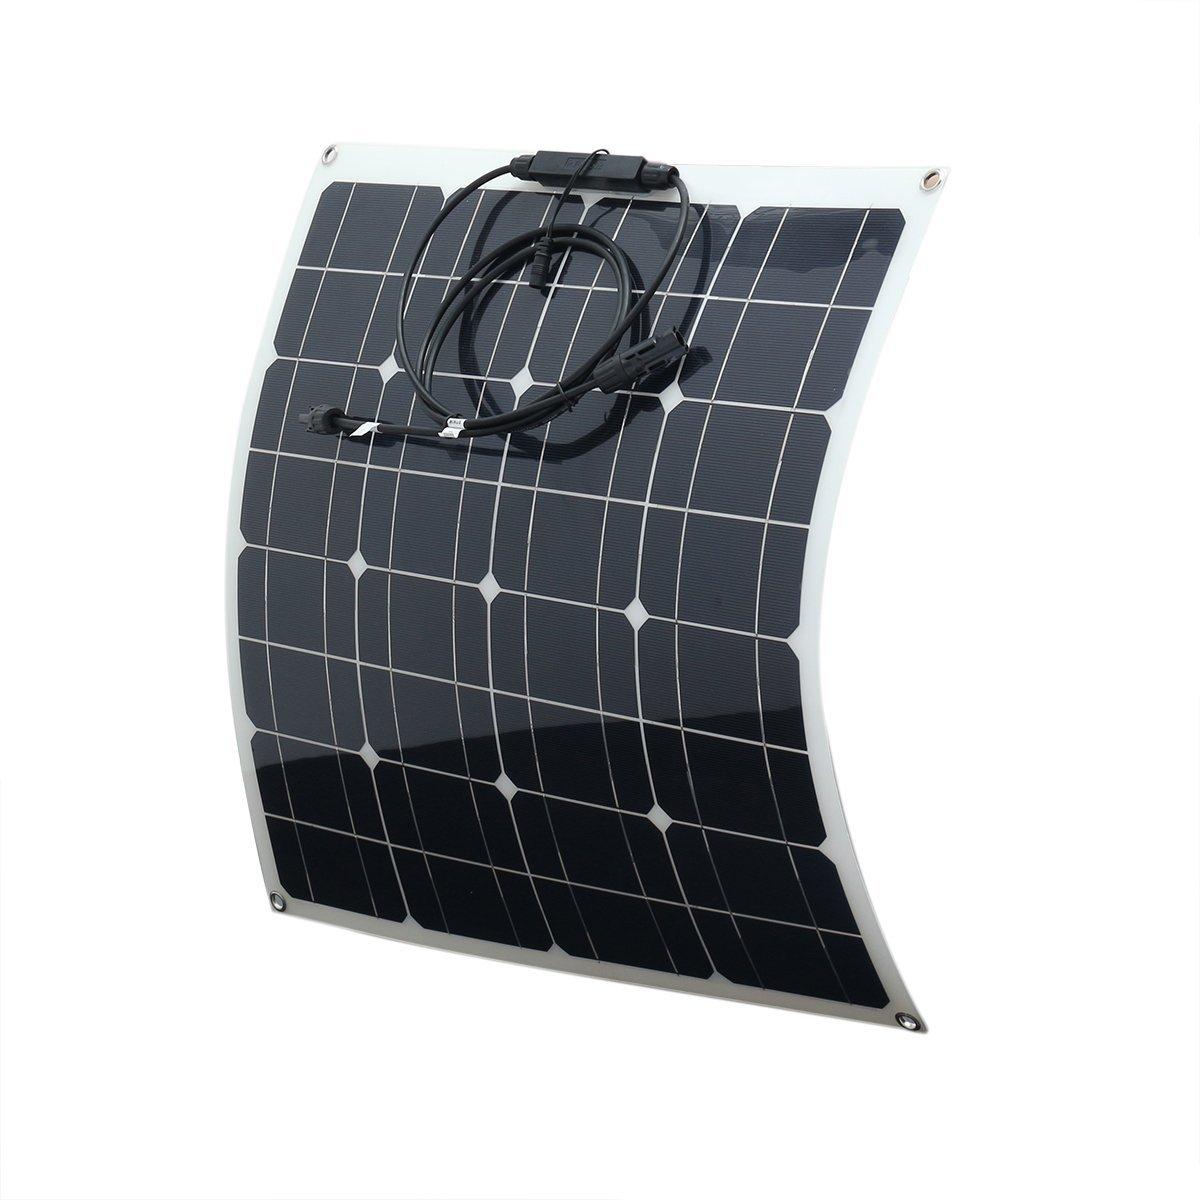 Prament 50w 560 * 540 * 2.5 mm 高効率ポータブル単結晶フレキシブルソーラーパネル   B07G36GR36